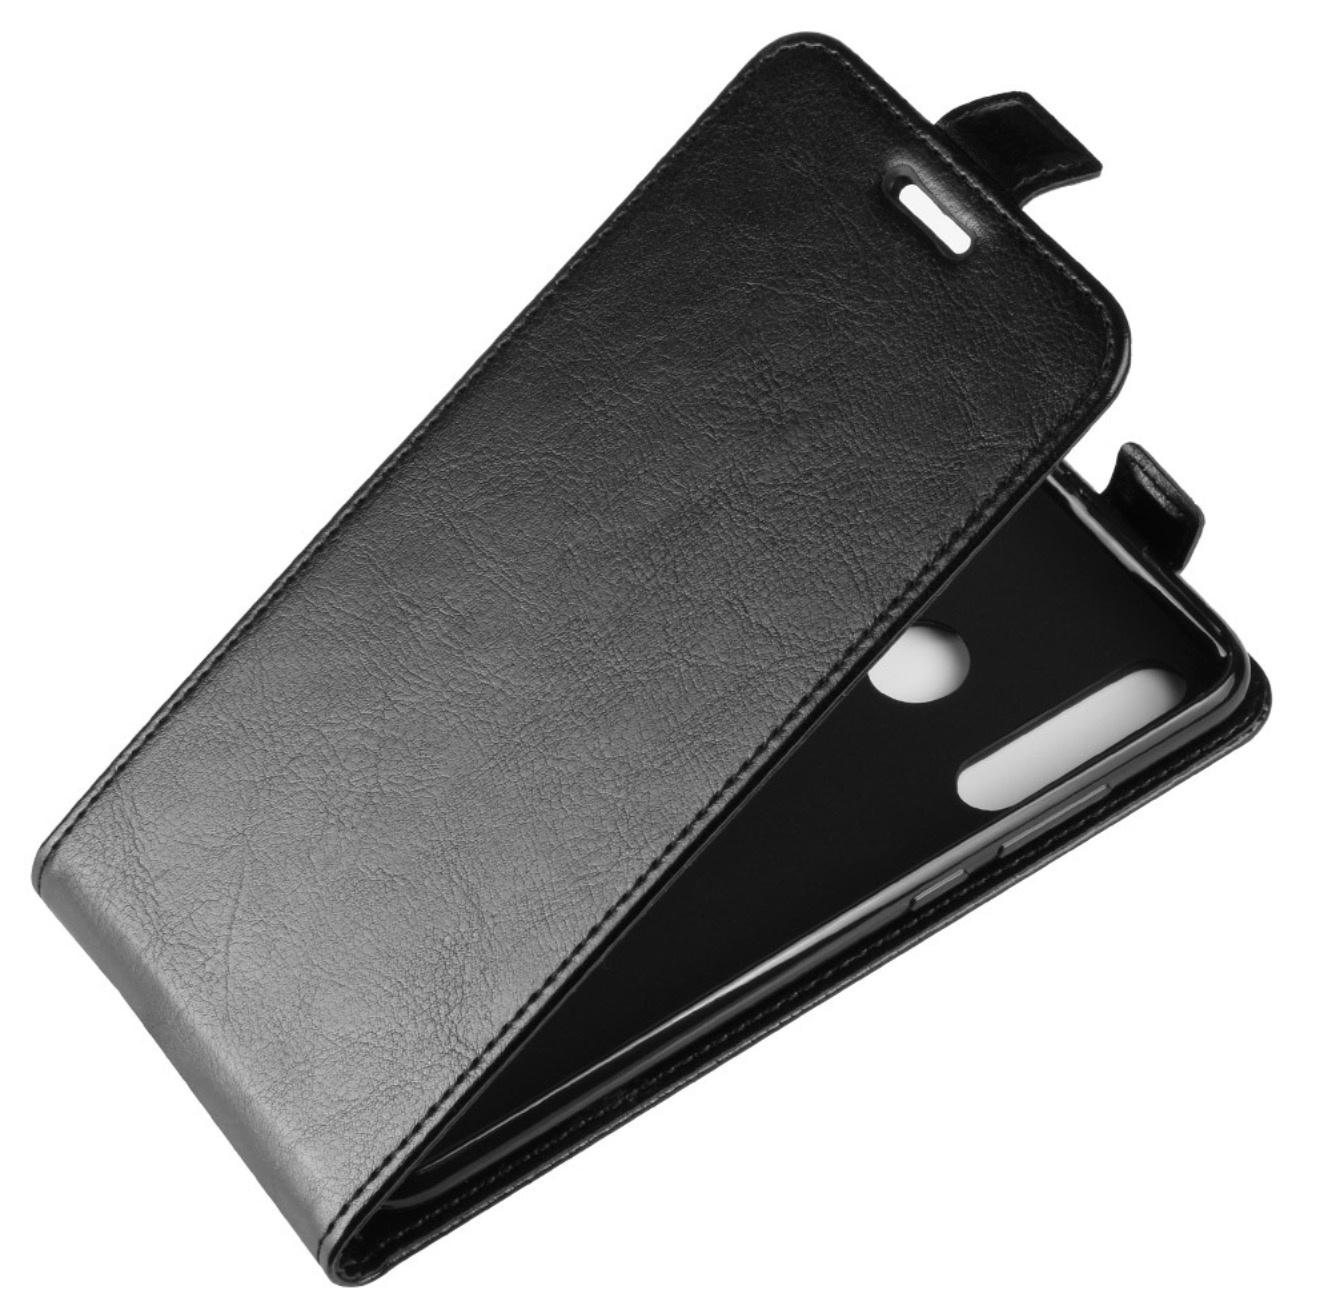 Чехол-флип MyPads для Lenovo Vibe Z2 mini K920 5.5 вертикальный откидной черный